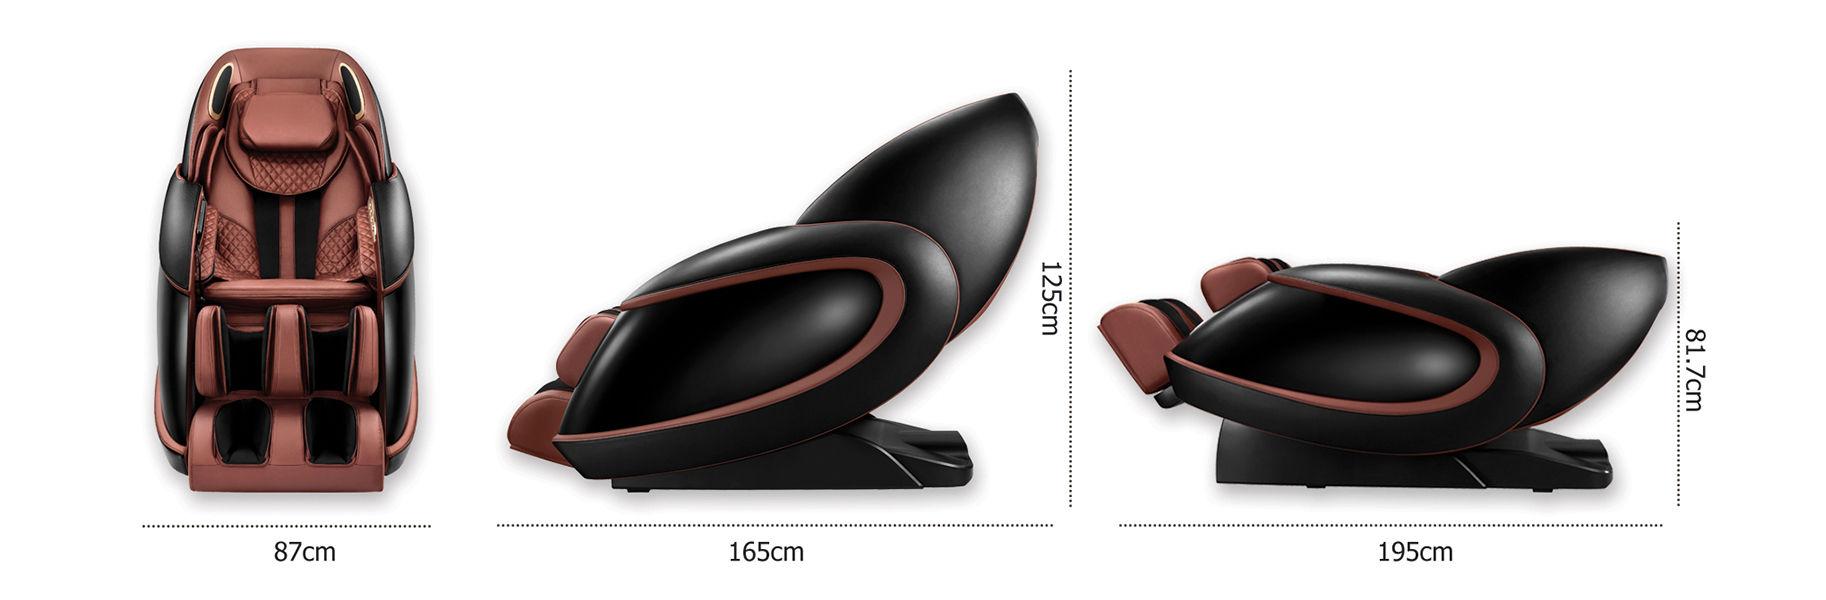 وارد کننده اصلی صندلی ماساژور آرونت RT-7900